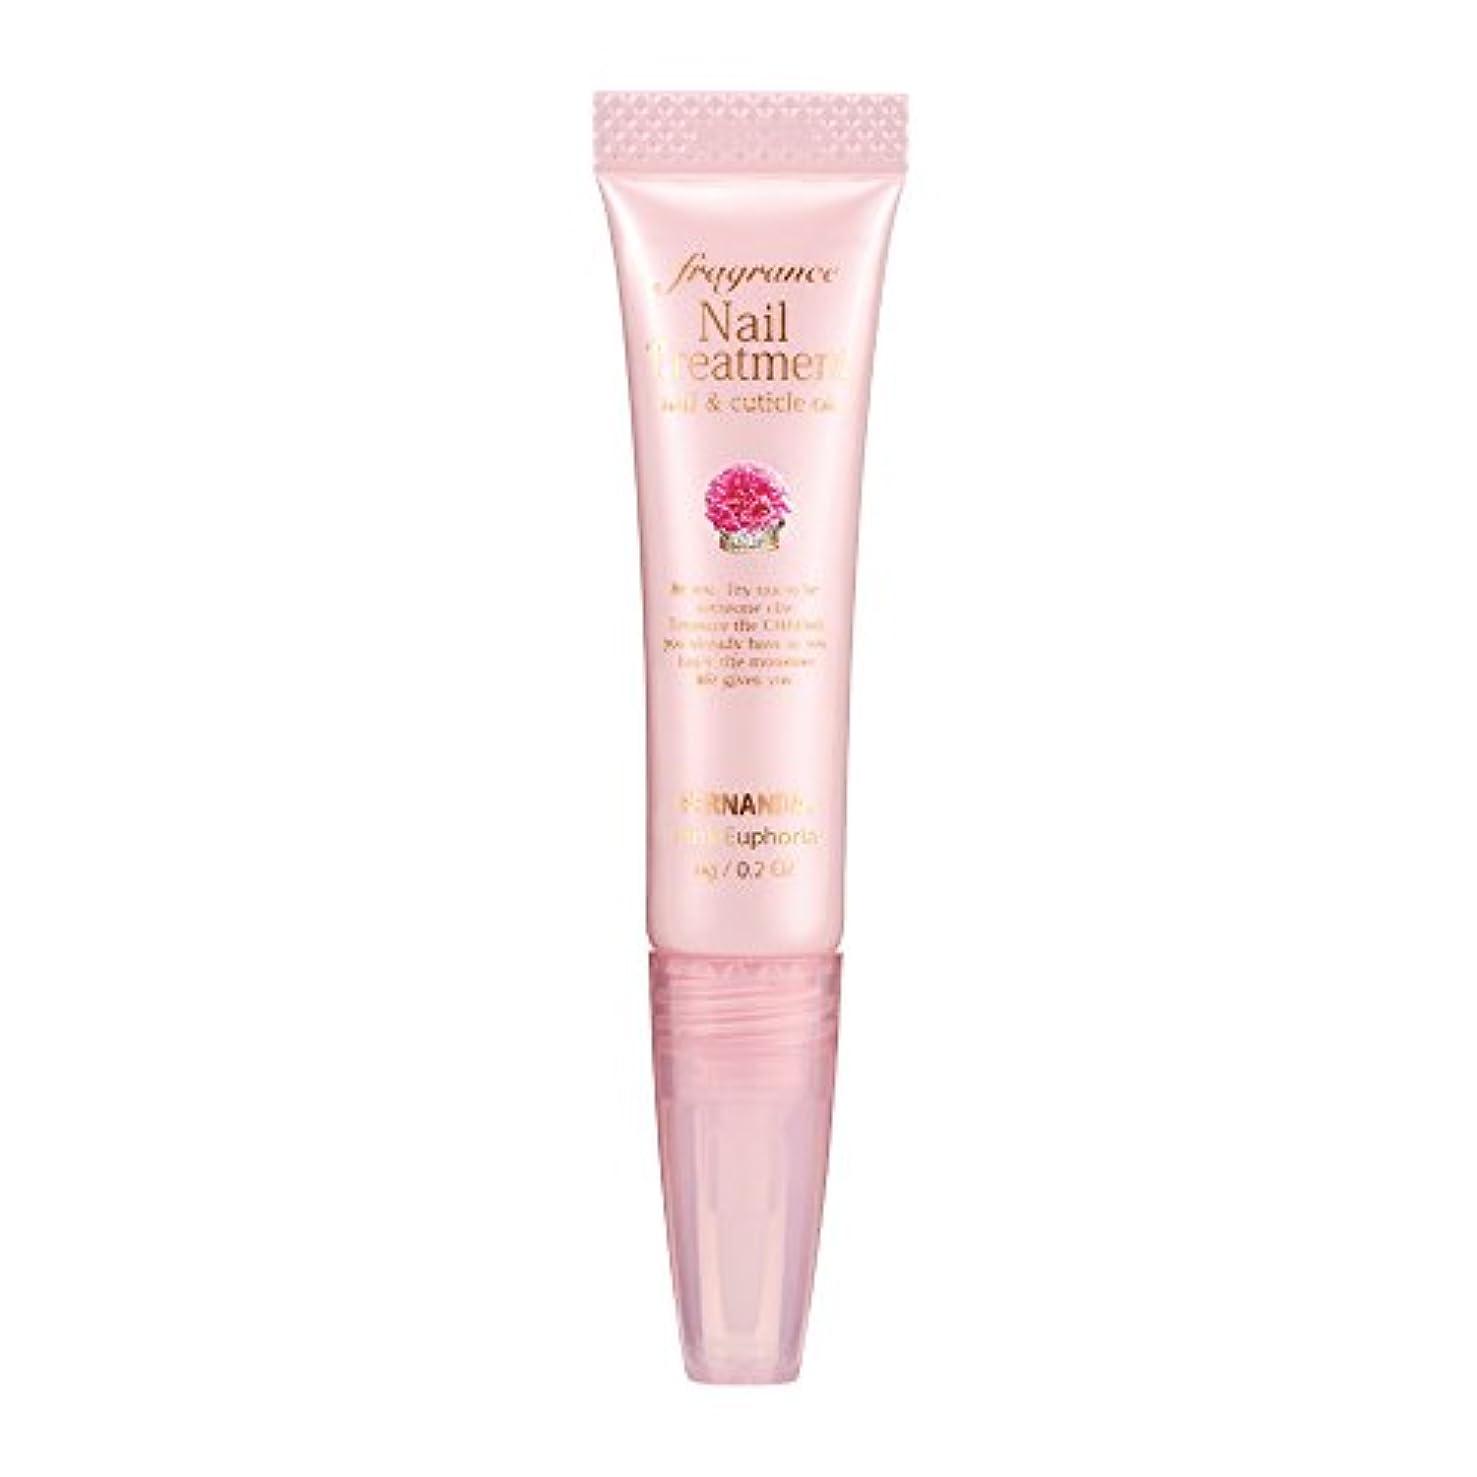 四回忠誠永遠のFERNANDA(フェルナンダ) Fragrance Nail Treatment Pink Euphoria (ネイルトリートメント ピンクエウフォリア)